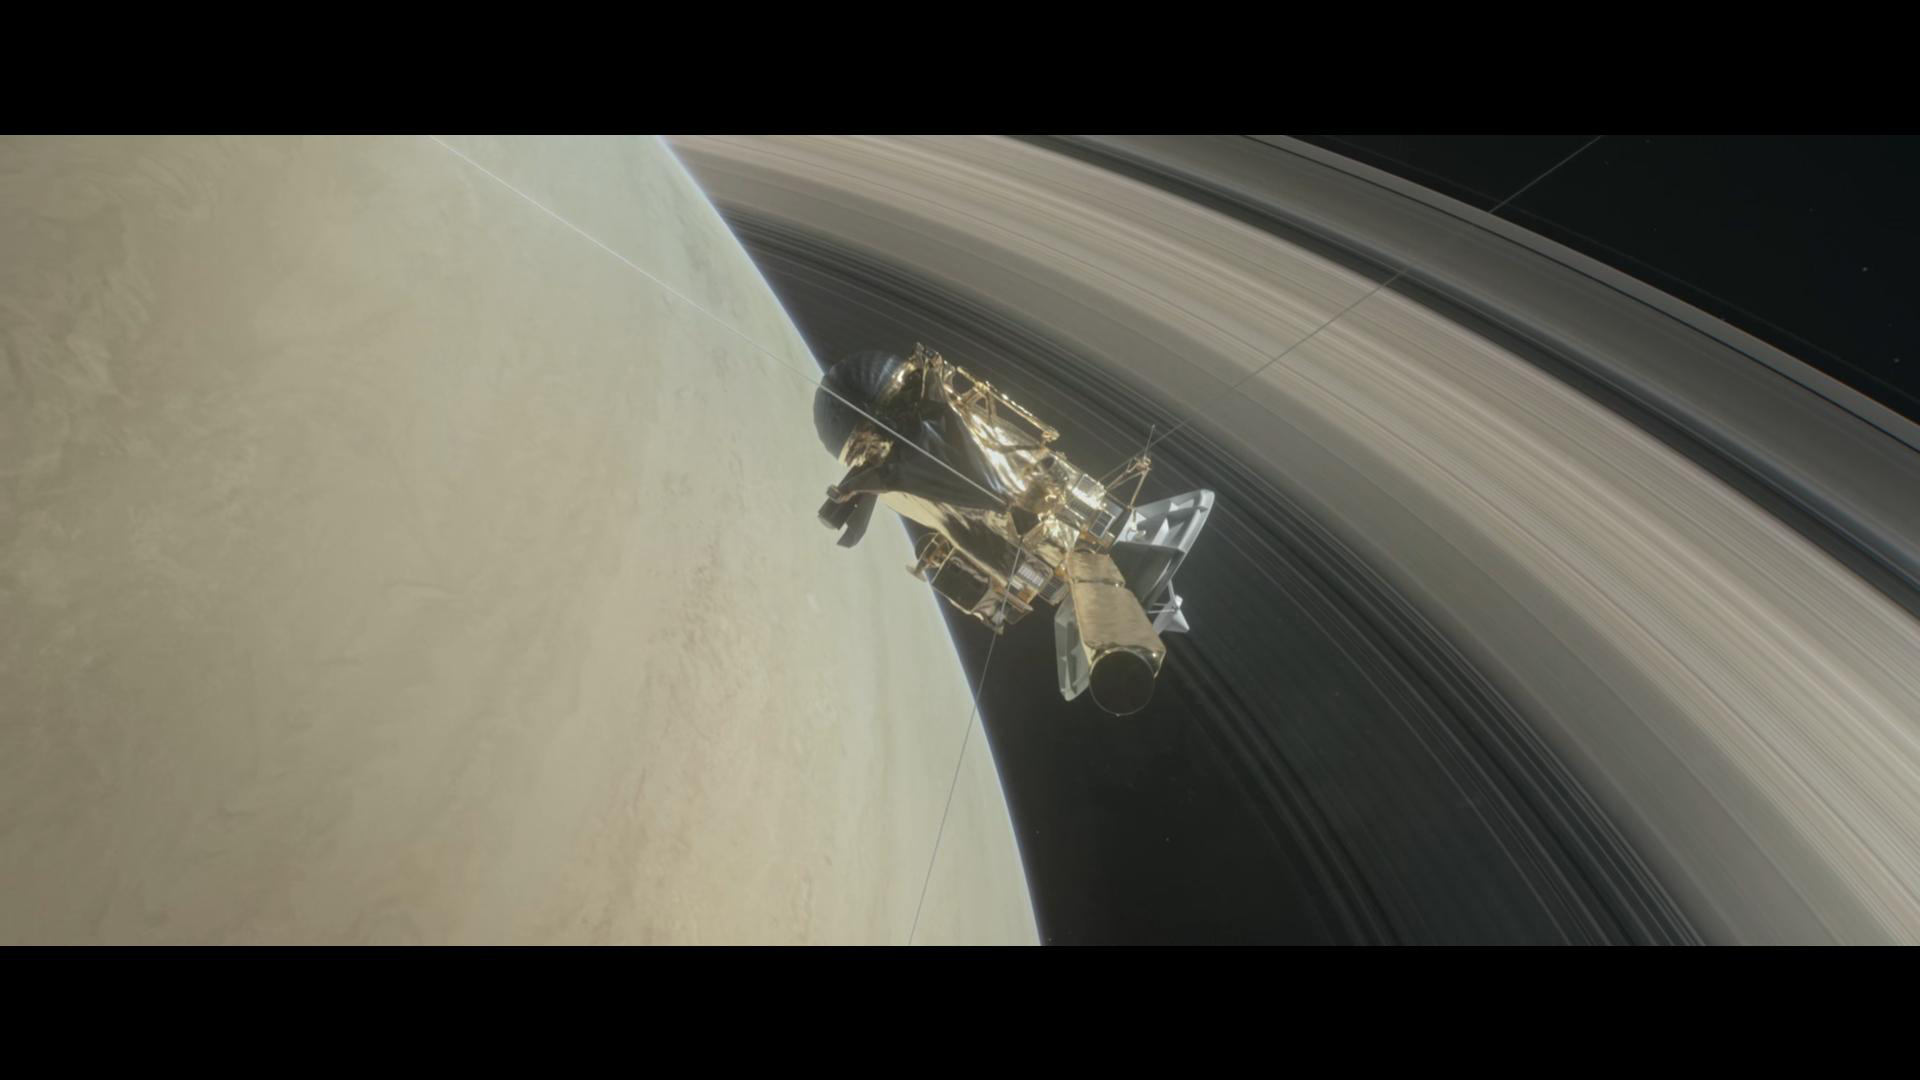 Cassini dykker ned bak Saturns ringer under avslutningen på 20 års jobb i rommet som starter 26. april 2017. Grafikk: NASA/JPL/E. Wernqvist